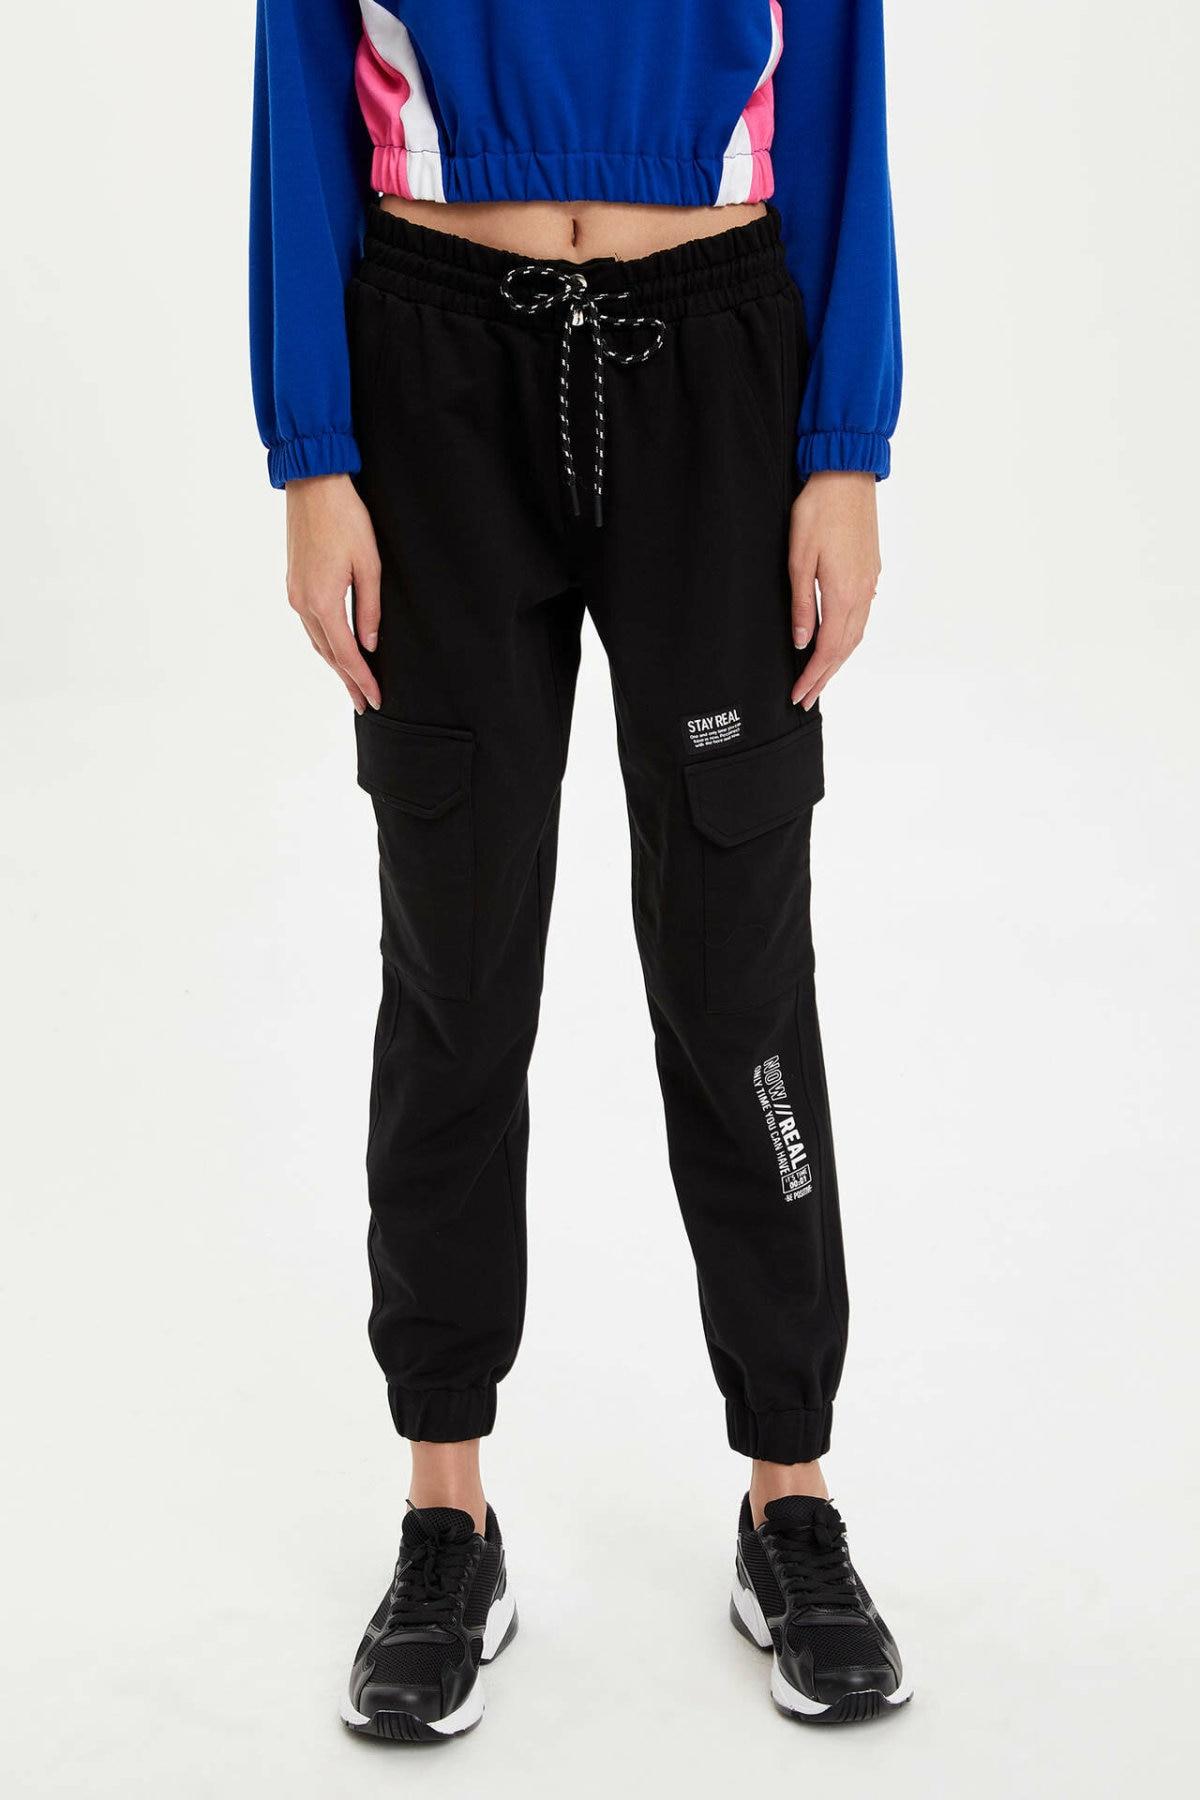 DeFacto New Women Sport Trousers Ladies Casual Loose Pockets Sweatpants Simple Comfort Long Pants Black - L9742AZ19AU